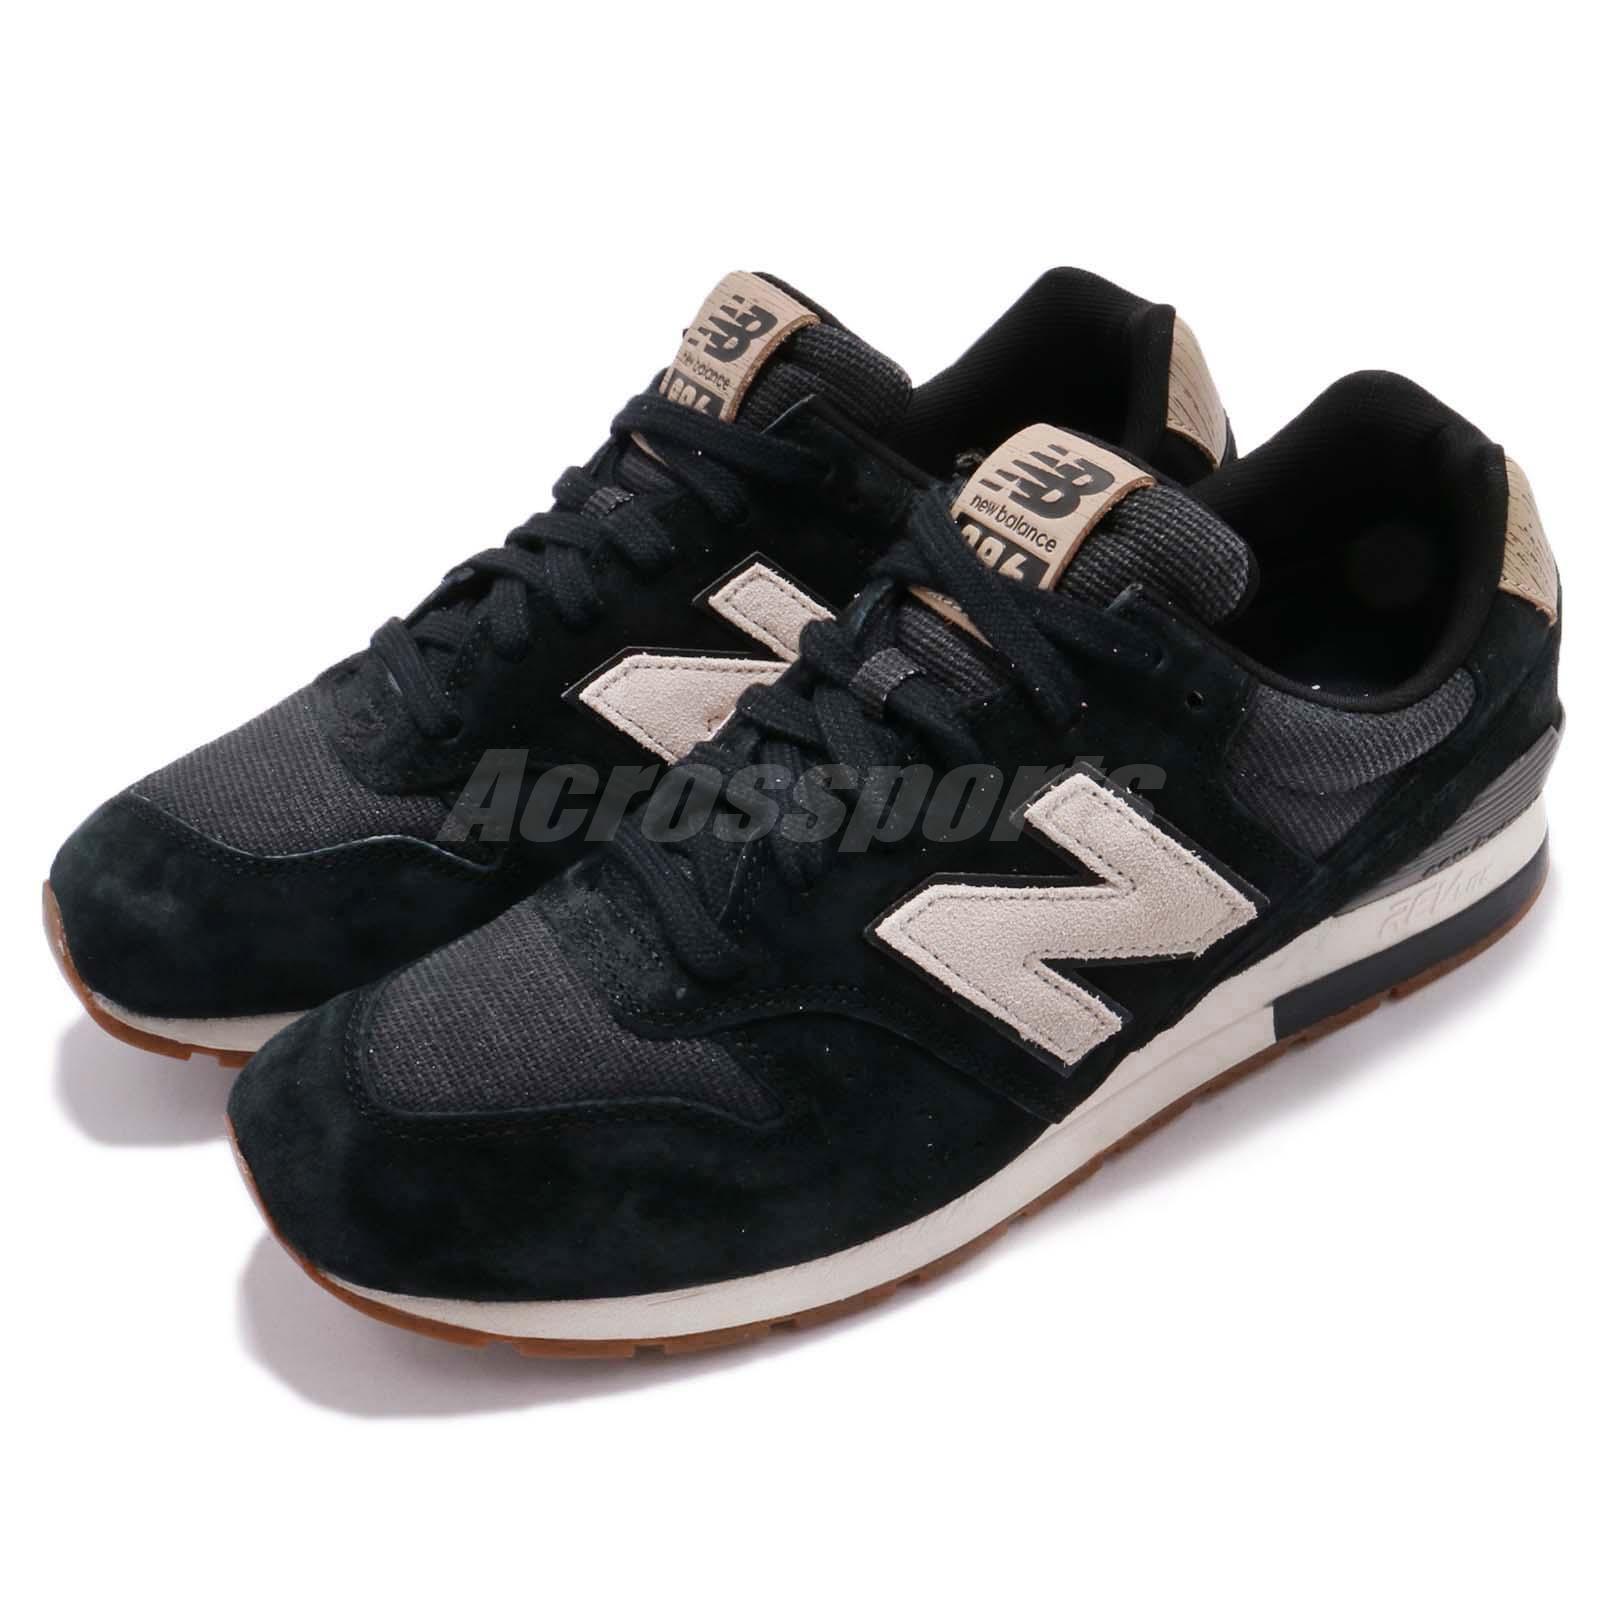 New Balance MRL996PA D 996noir GrishommesRunningChaussuresSneakers MRL996PAD